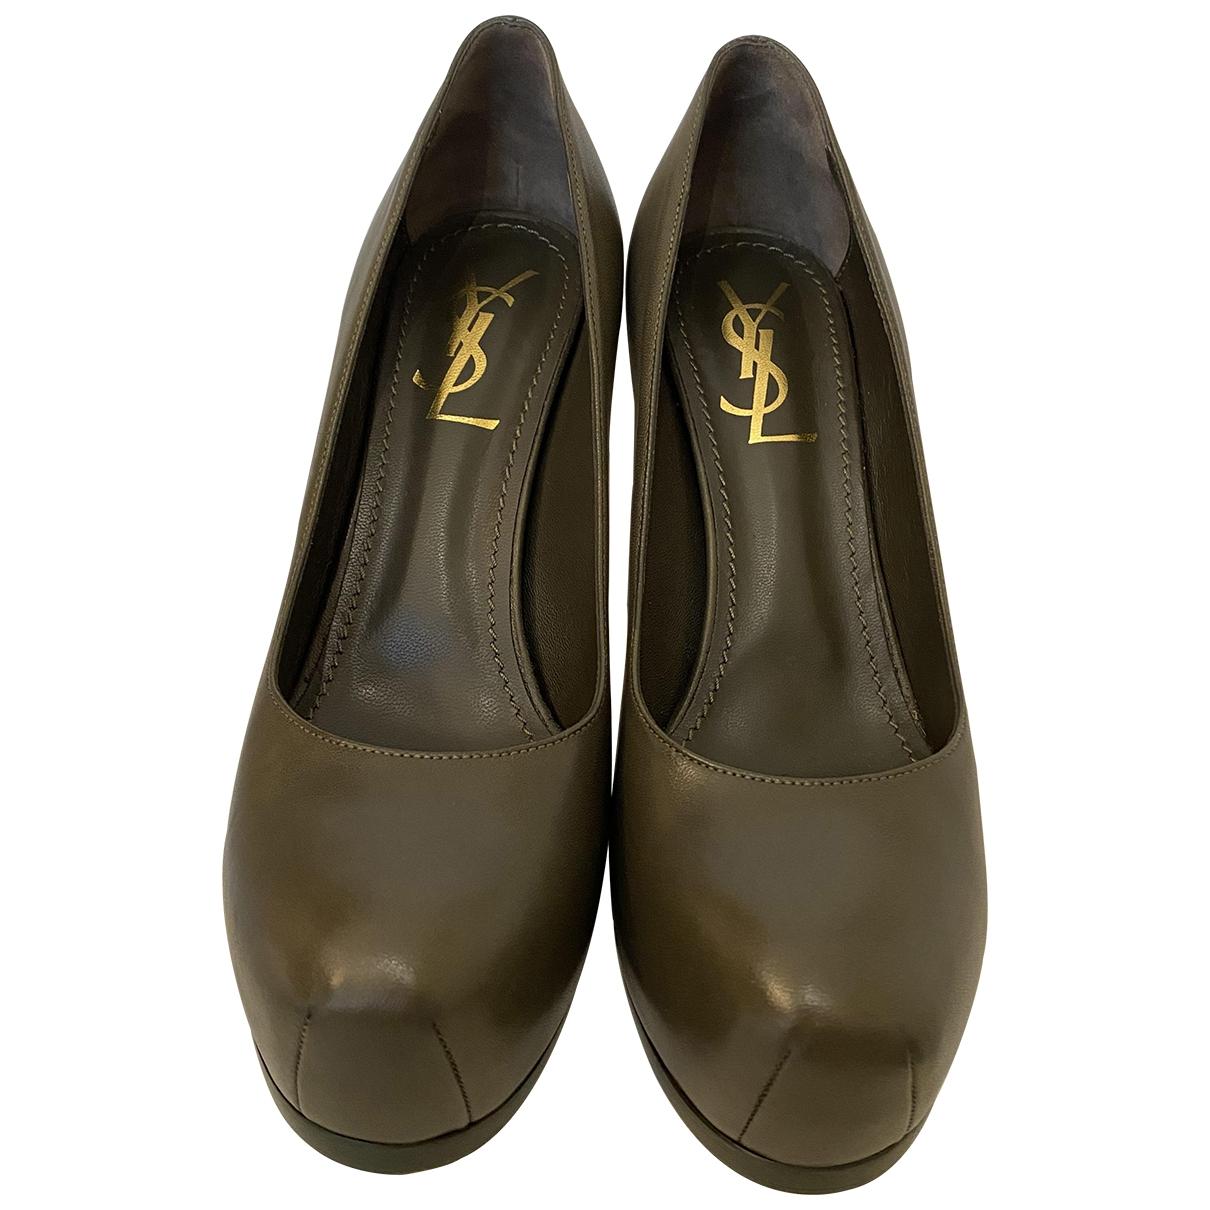 Yves Saint Laurent - Escarpins Trib Too pour femme en cuir - kaki